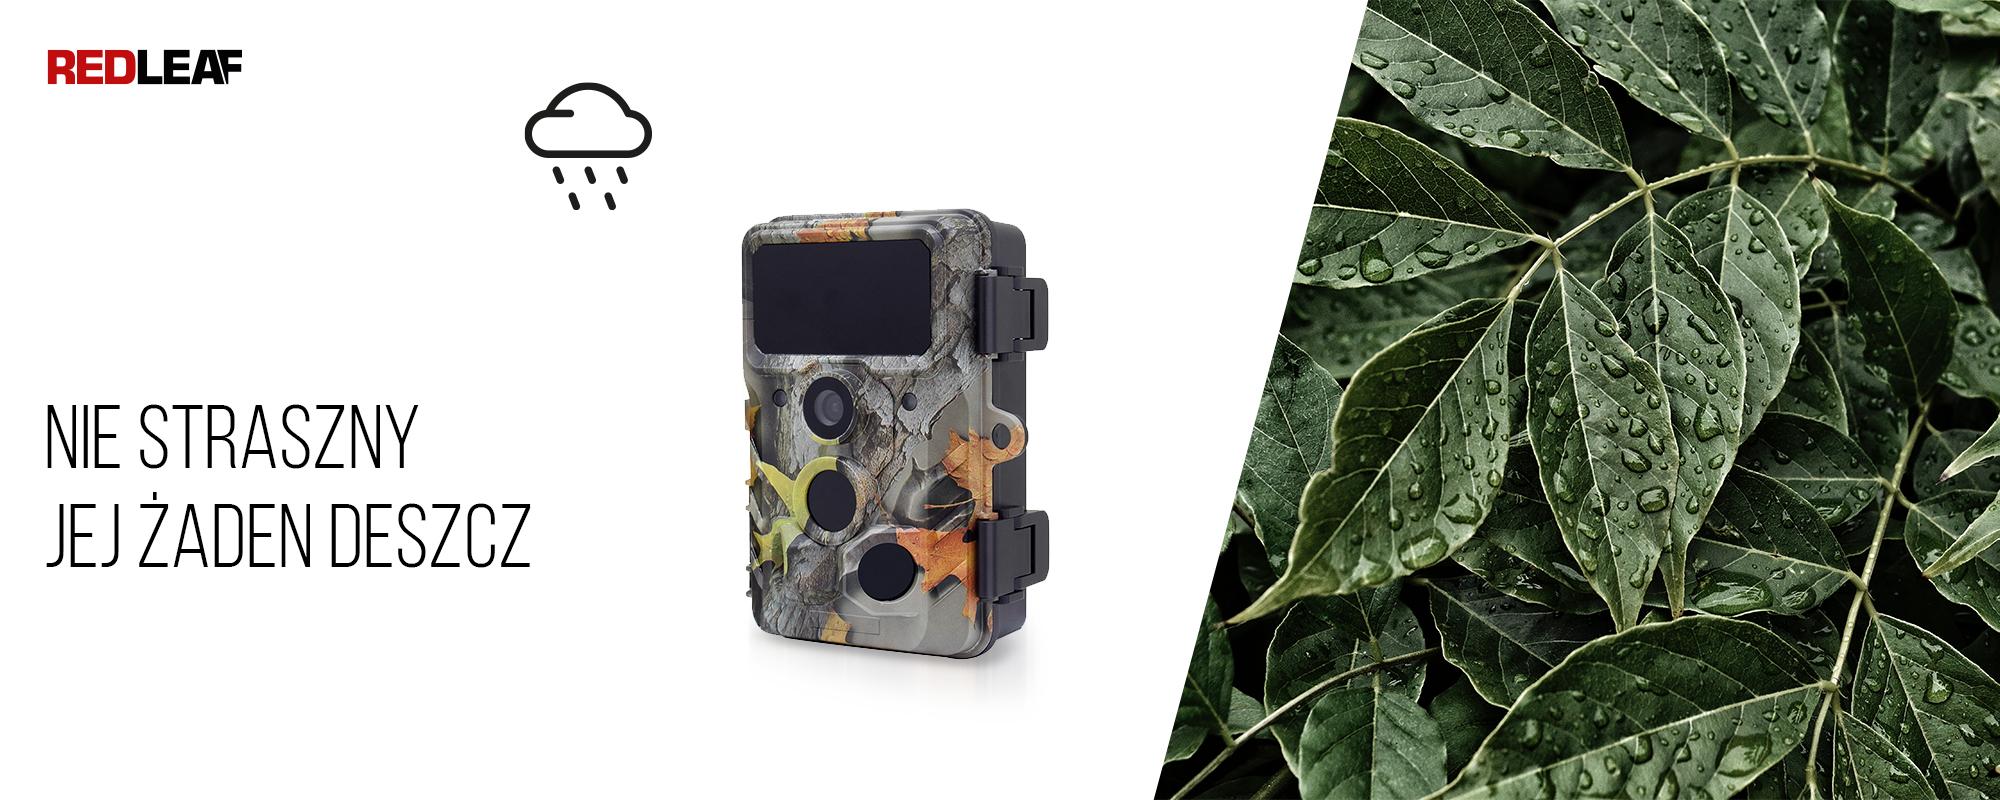 Kamera obserwacyjna Redleaf RD3019 Pro oraz mokre liście